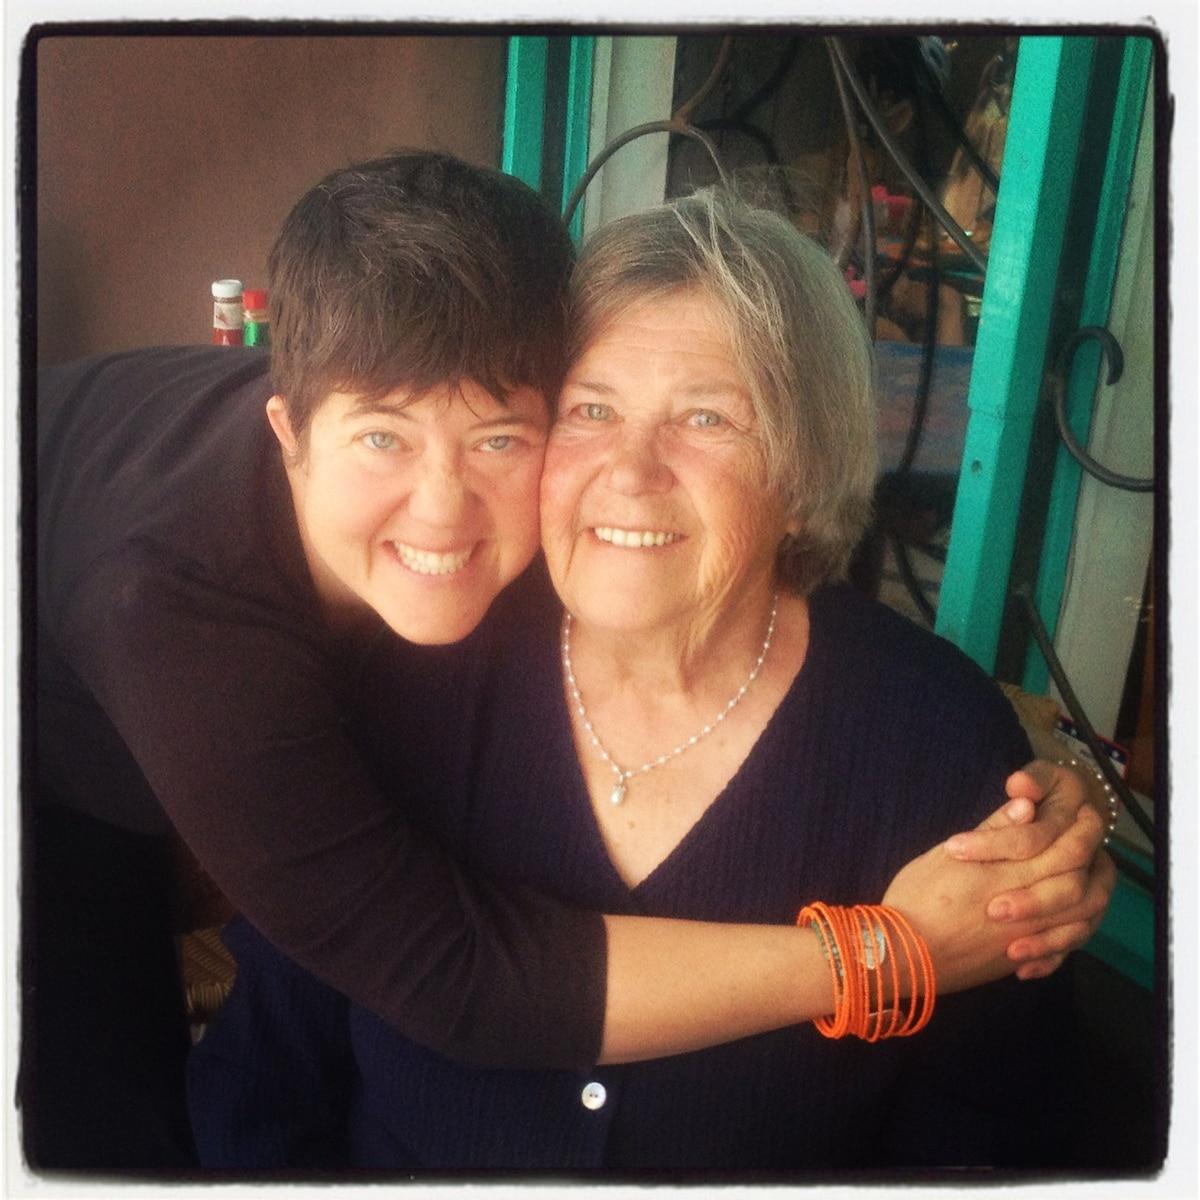 Katy & Susan from Santa Fe